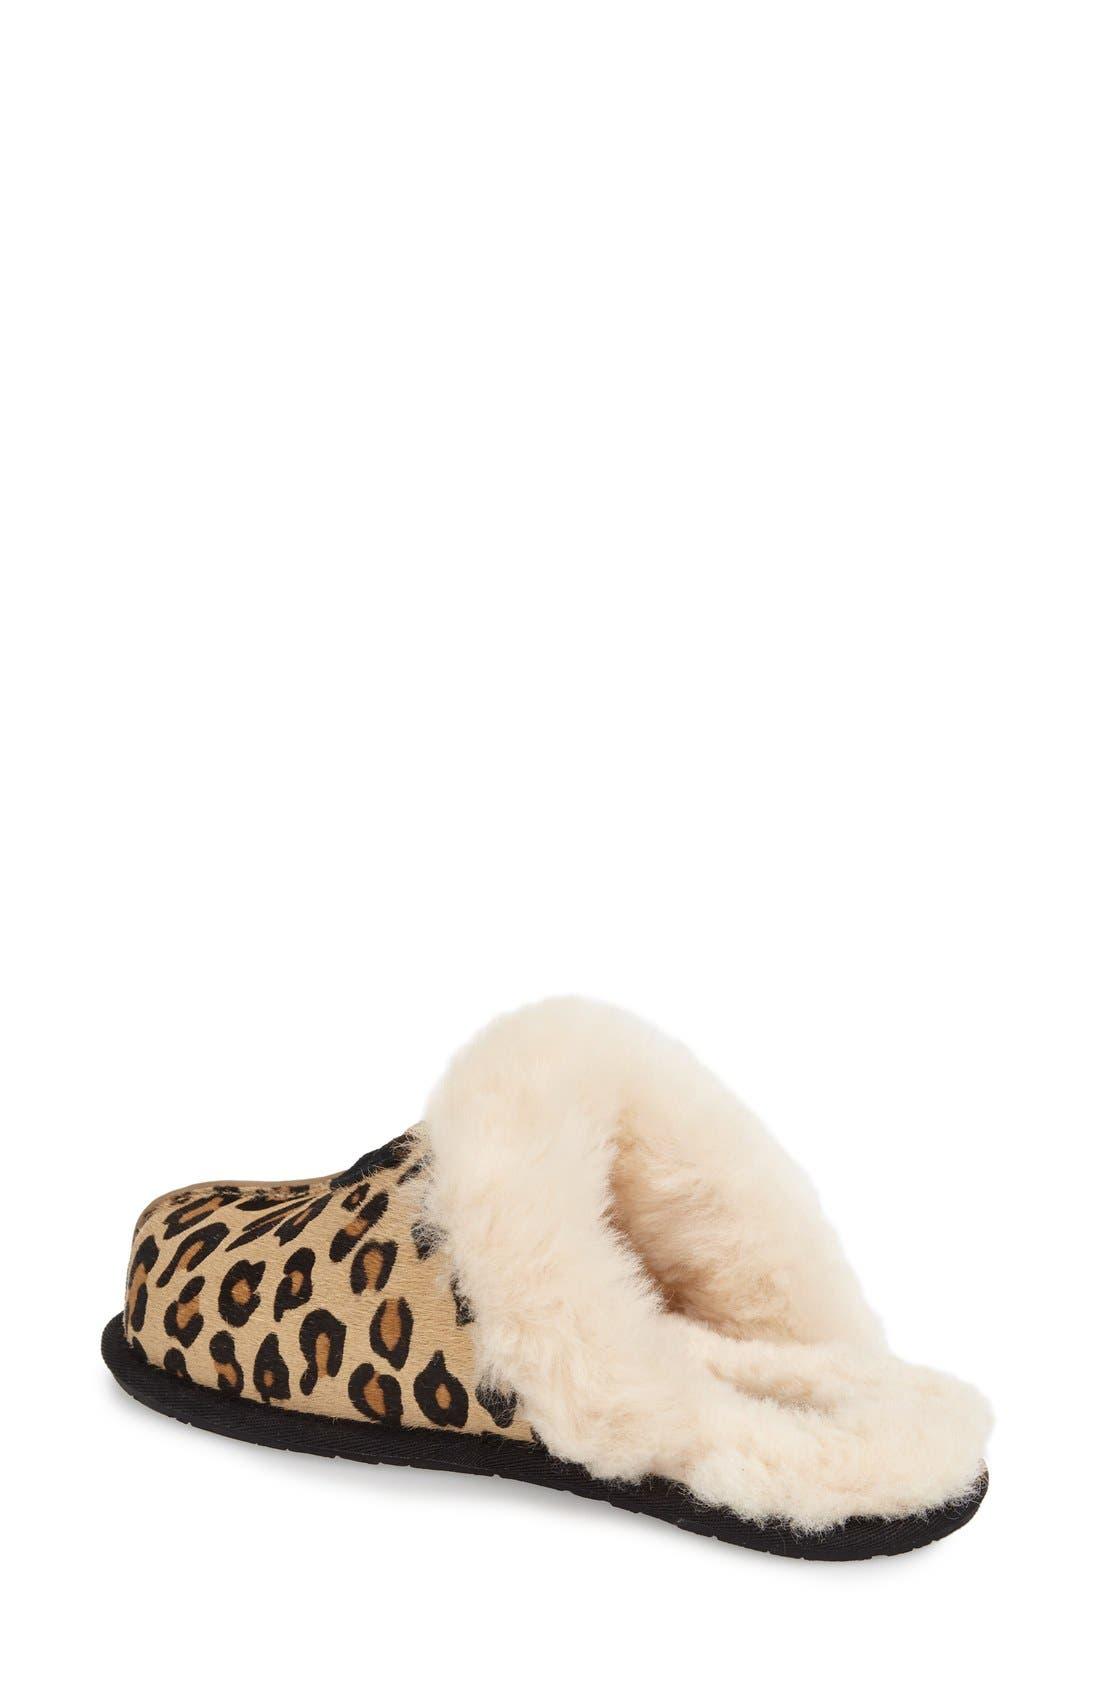 Scuffette II Leopard Spot Calf Hair Genuine Shearling Cuff Slipper,                             Alternate thumbnail 2, color,                             Leopard Calf Hair